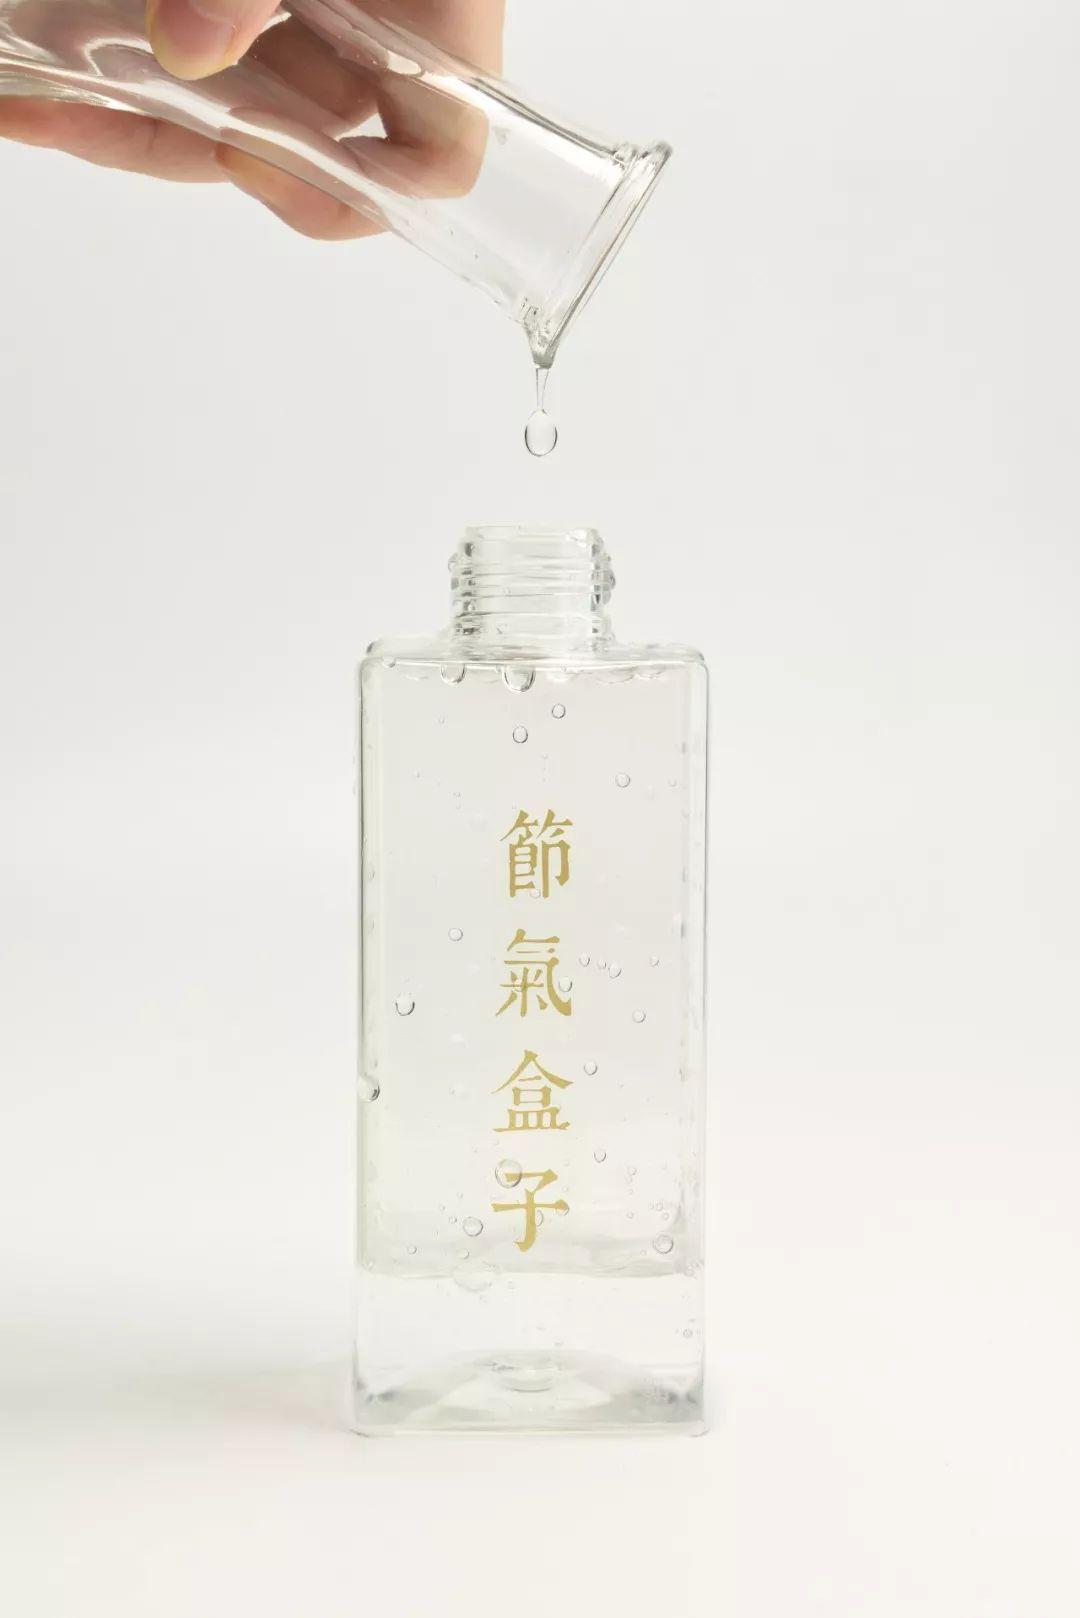 diy陶瓷瓶手绘图案